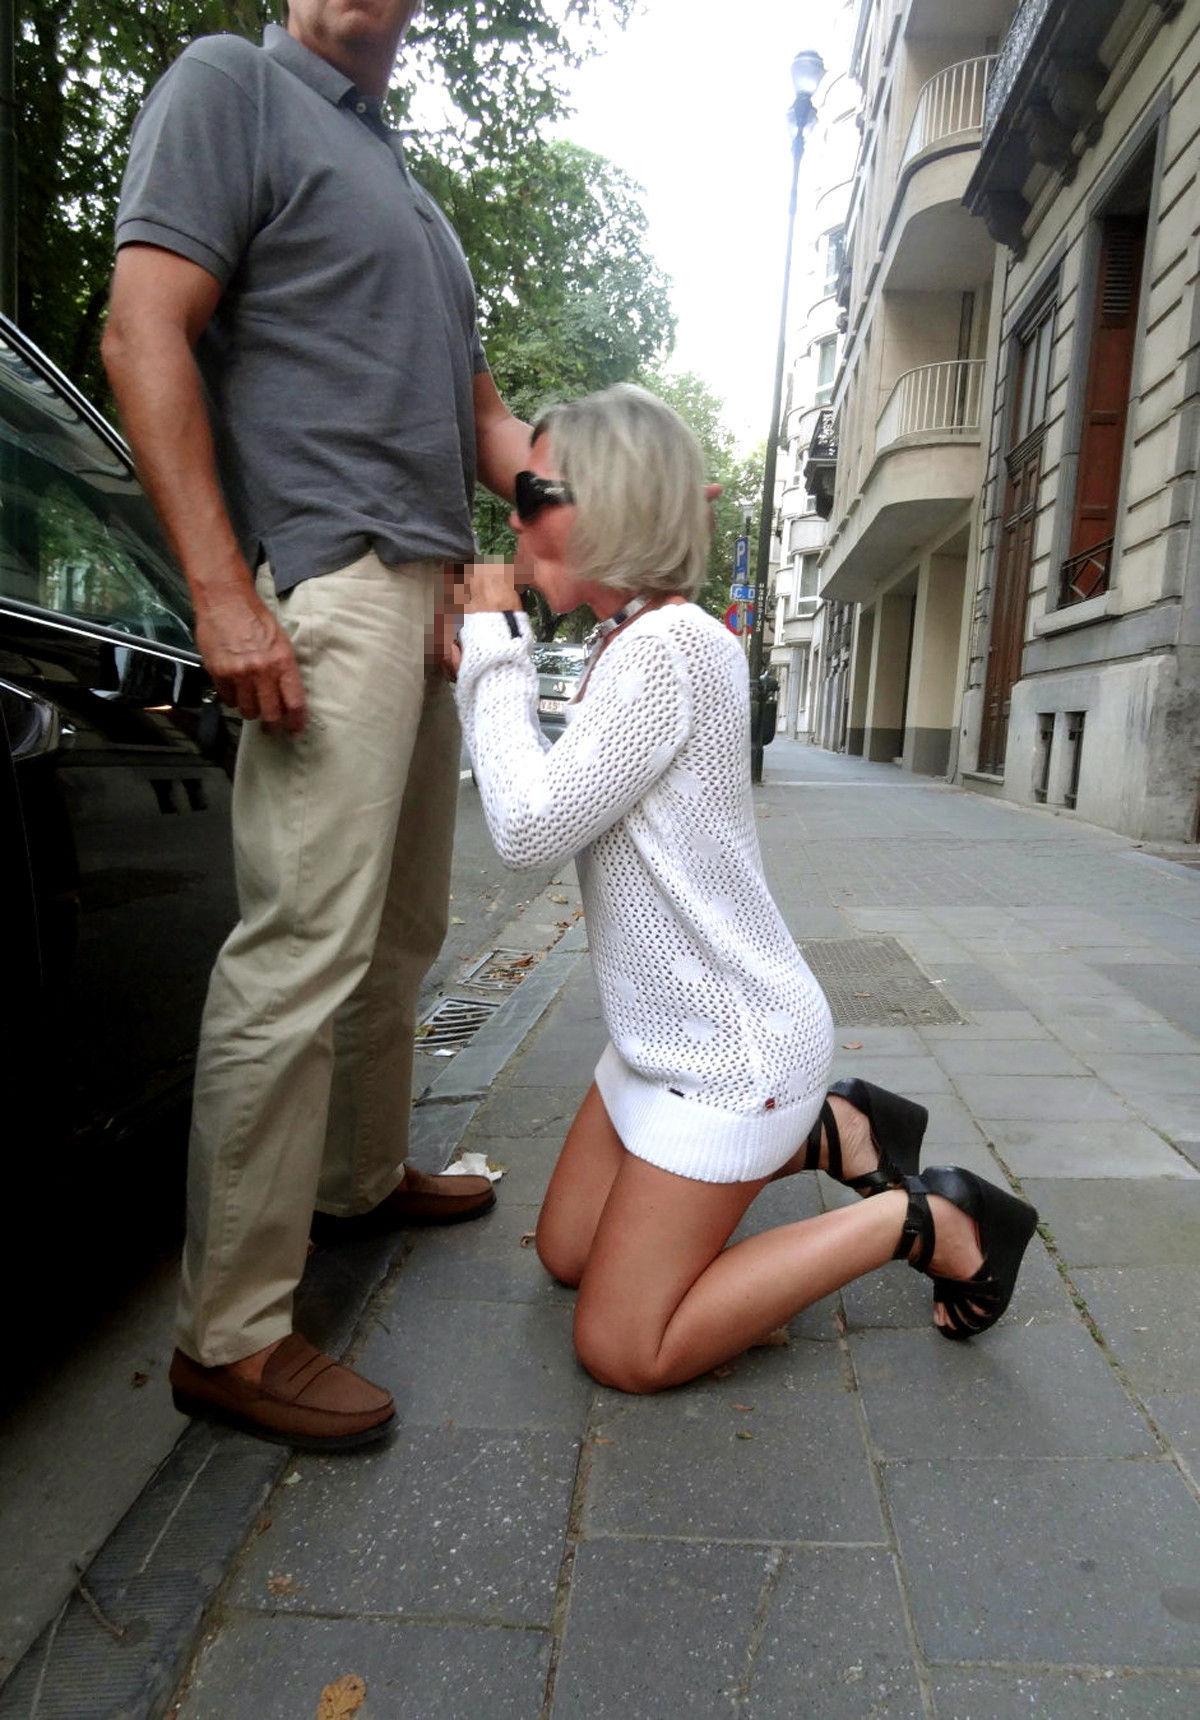 逮捕覚悟で街中で公然とフェラ営業する女wwwwwwwww(画像31枚)・17枚目